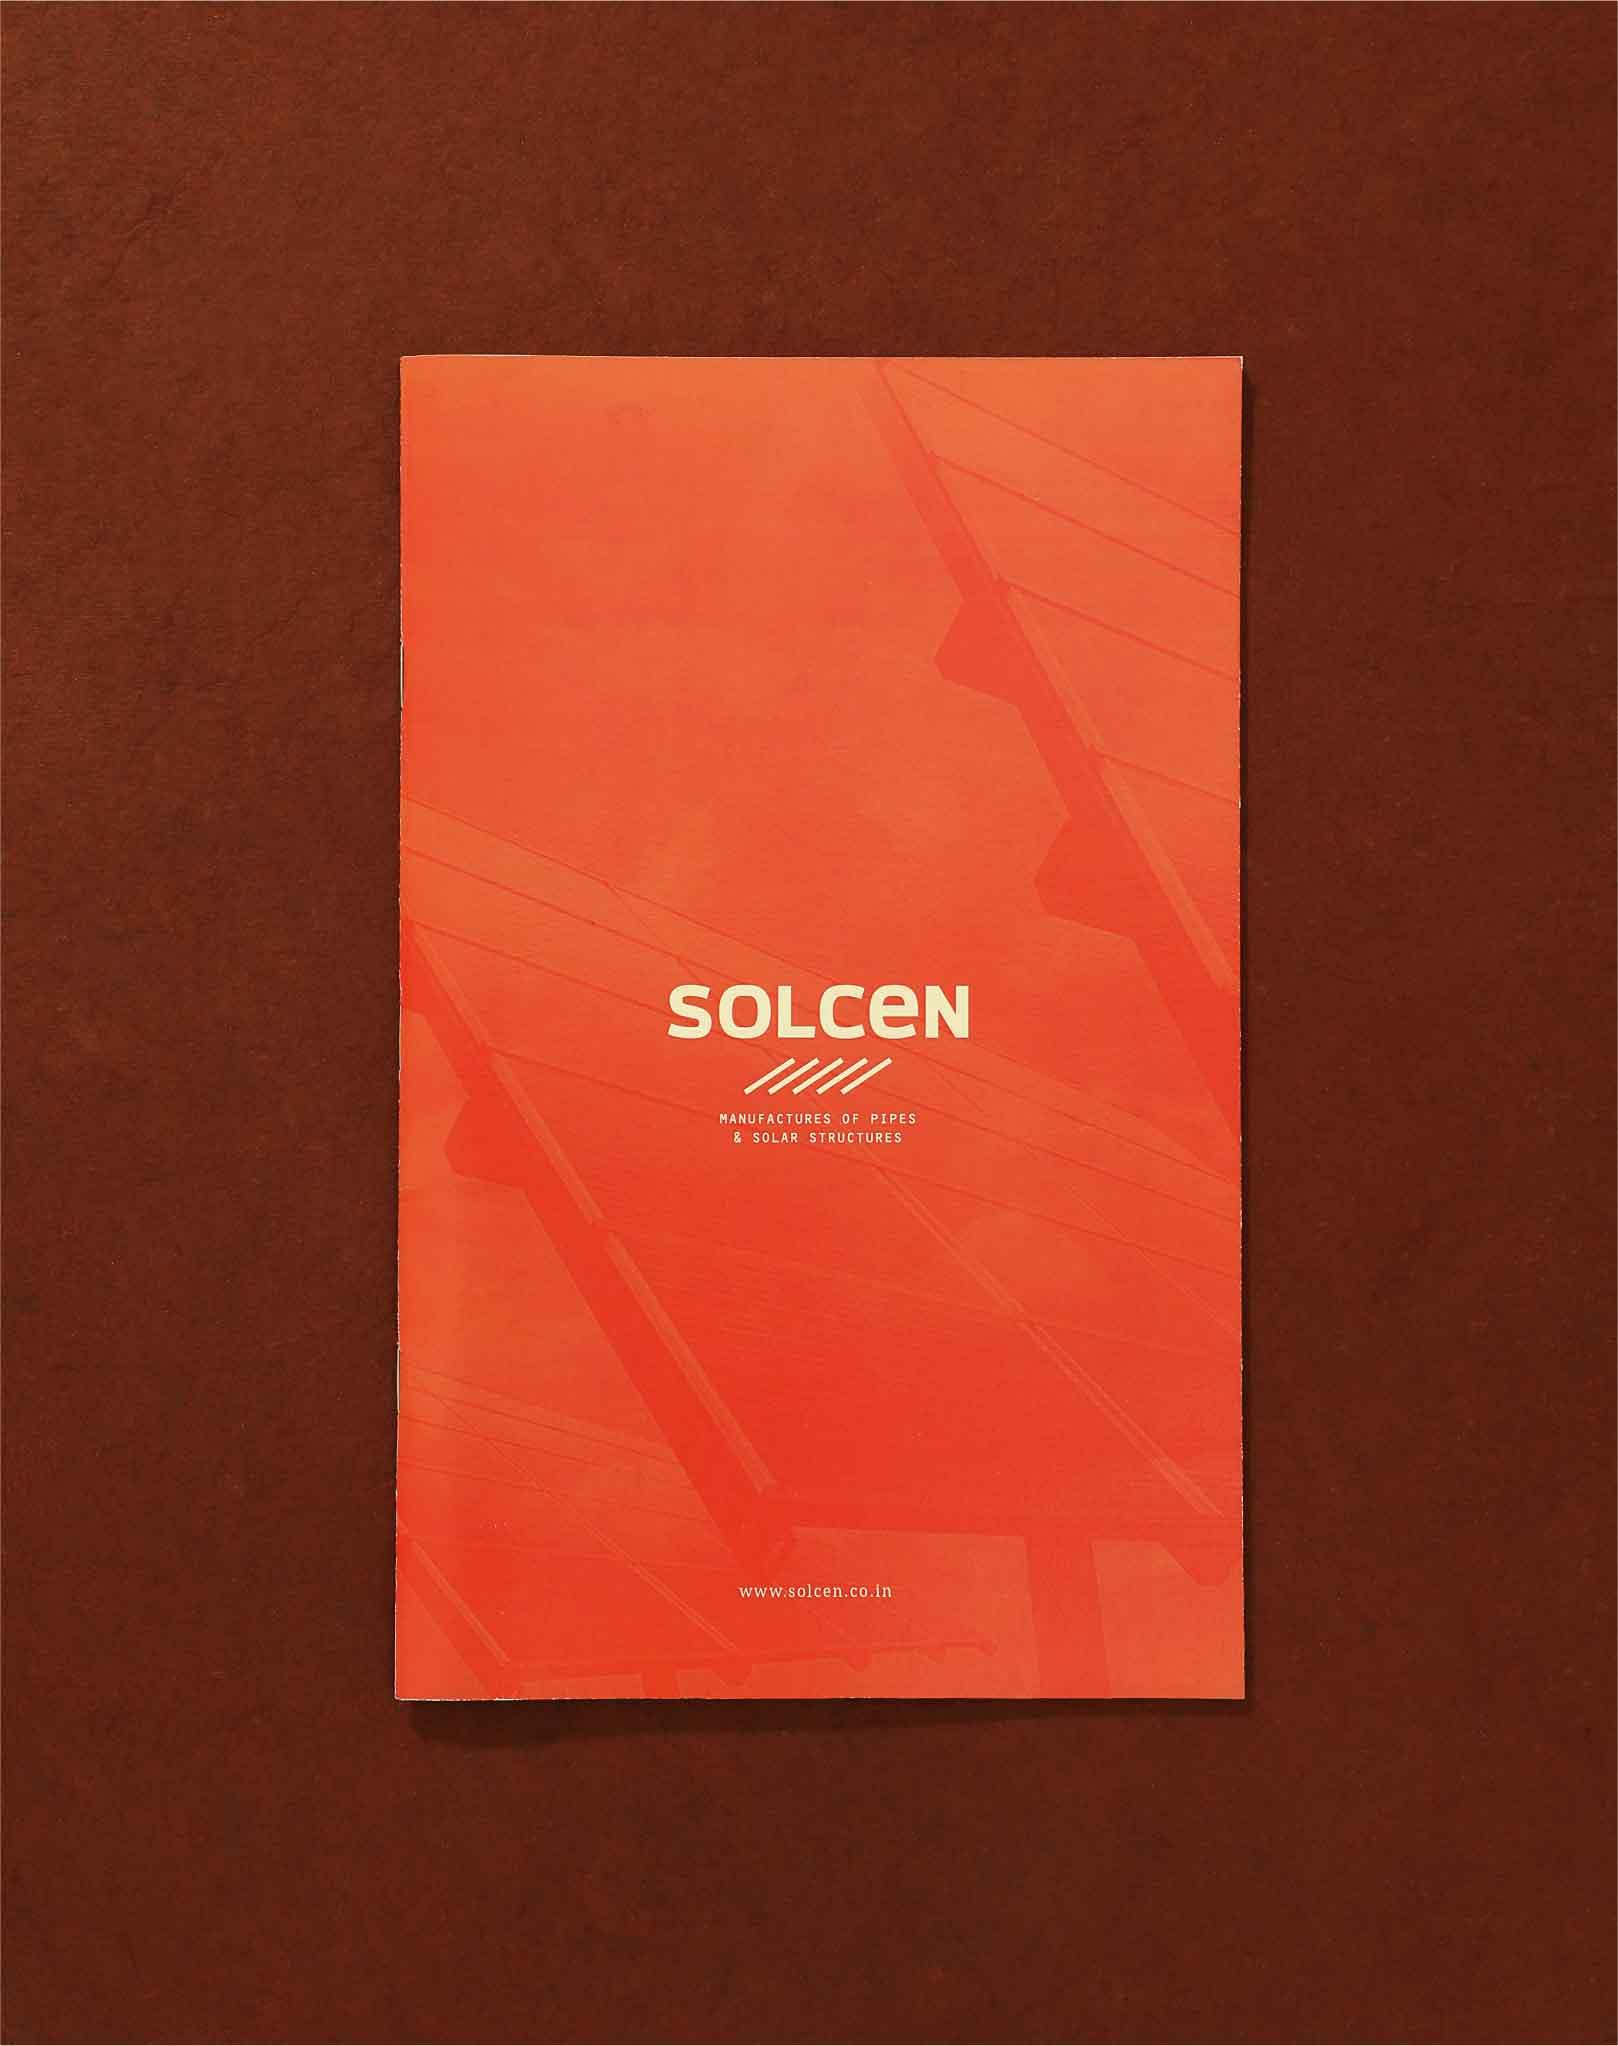 Solcen